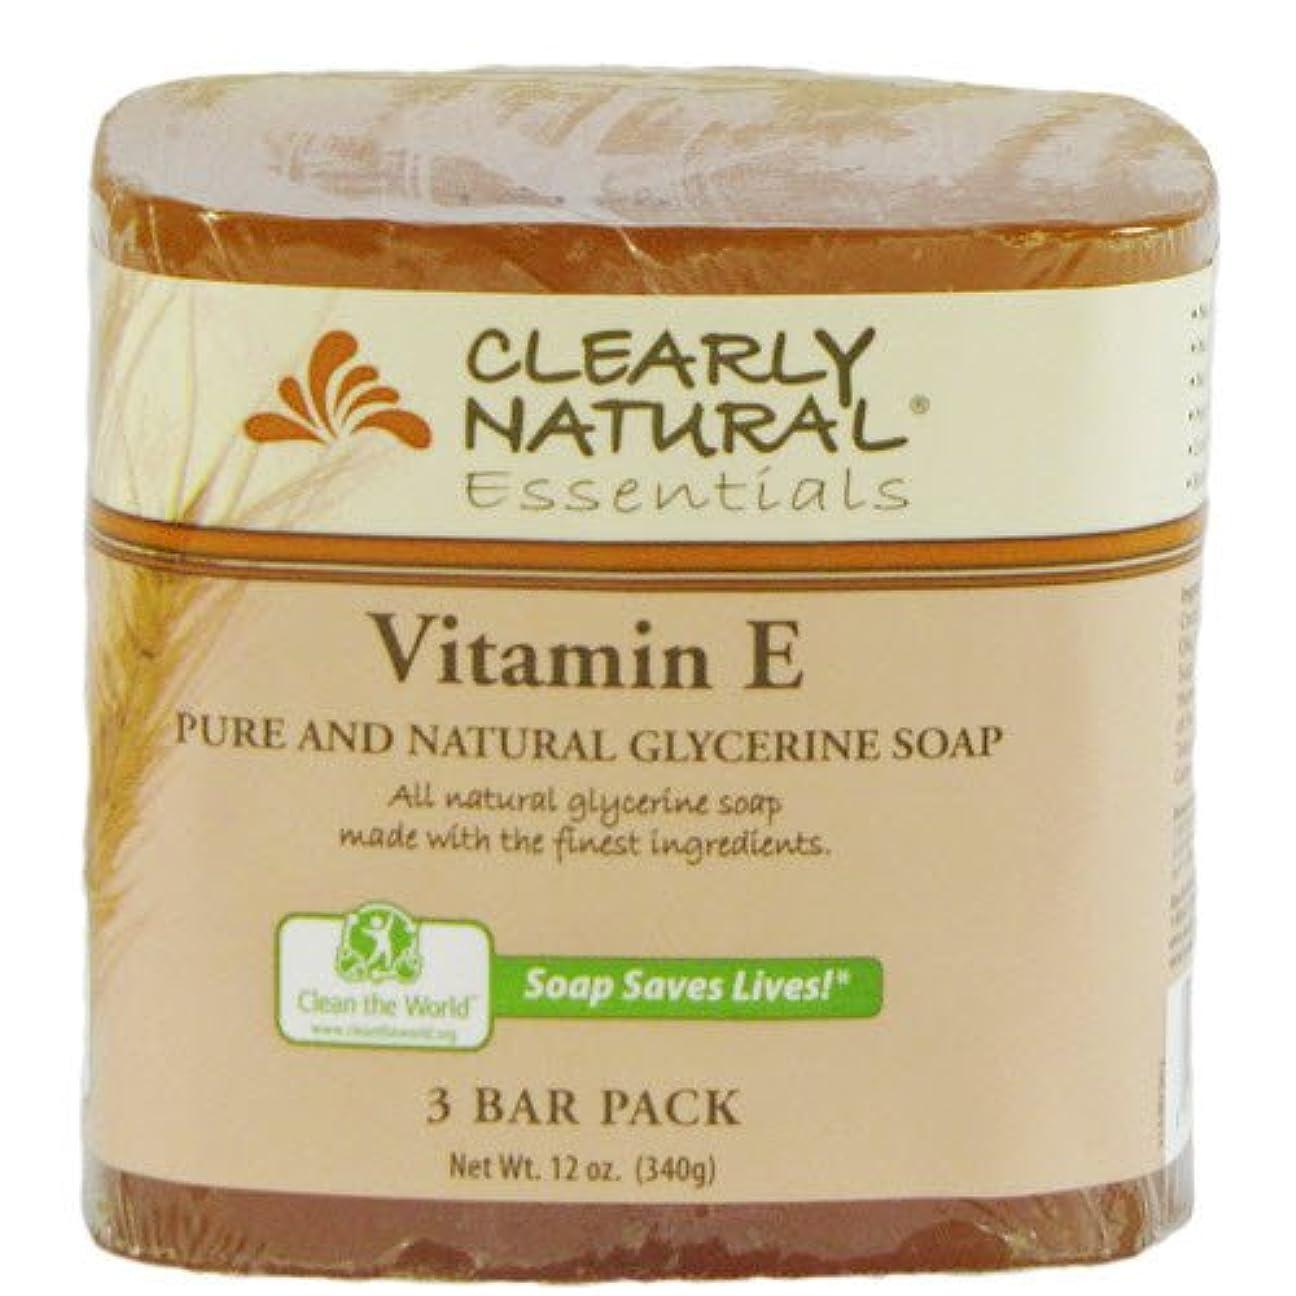 政権勝者雇ったClearly Natural, Pure and Natural Glycerine Soap, Vitamin E, 3 Bar Pack, 4 oz Each